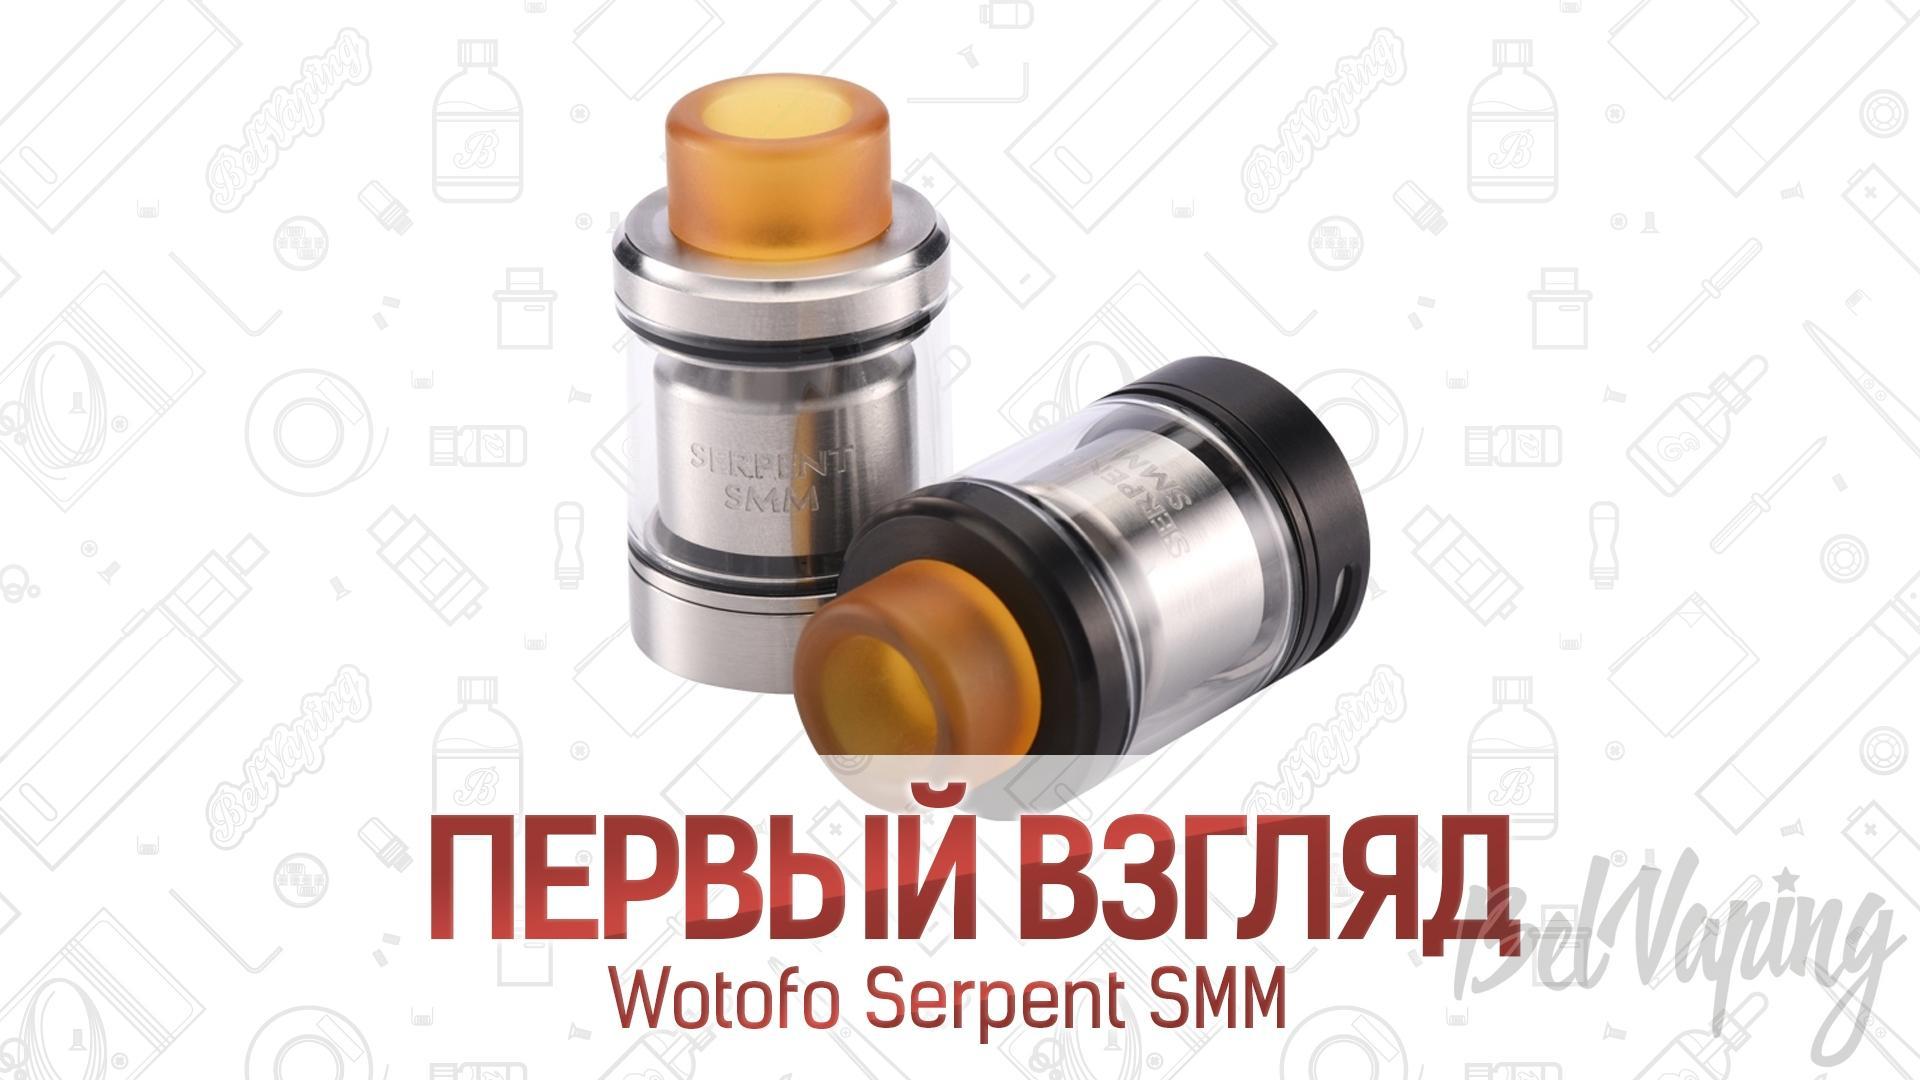 Wotofo Serpent SMM. Первый взгляд